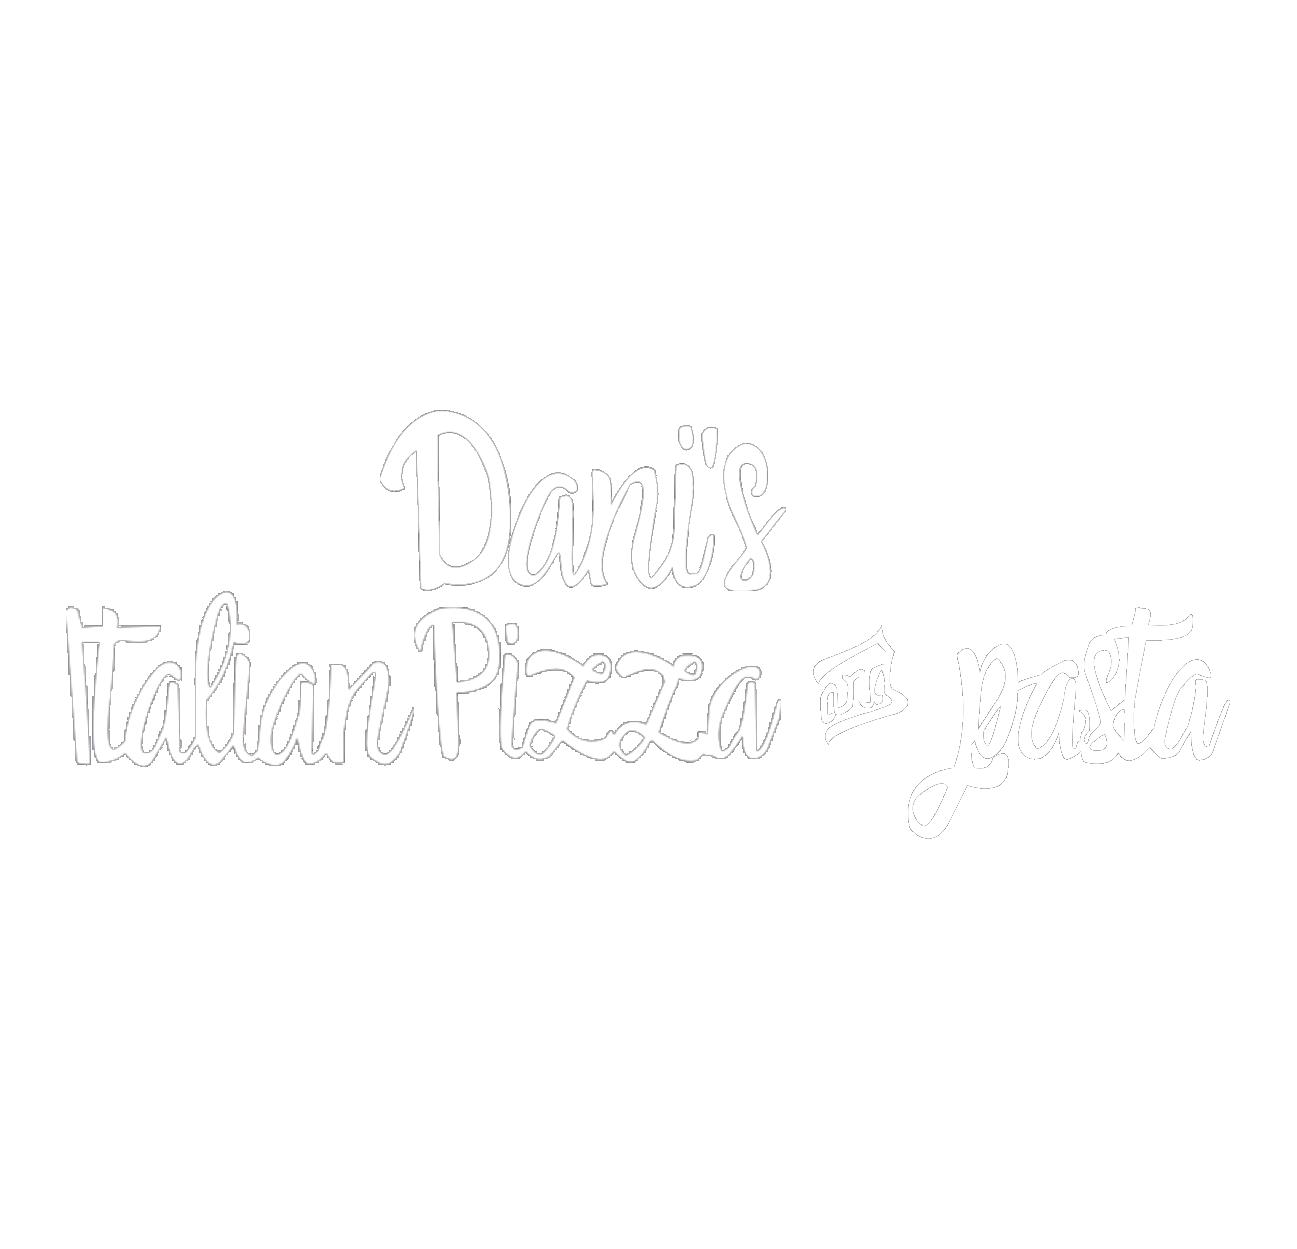 Dani's Italian Pizza and Pasta